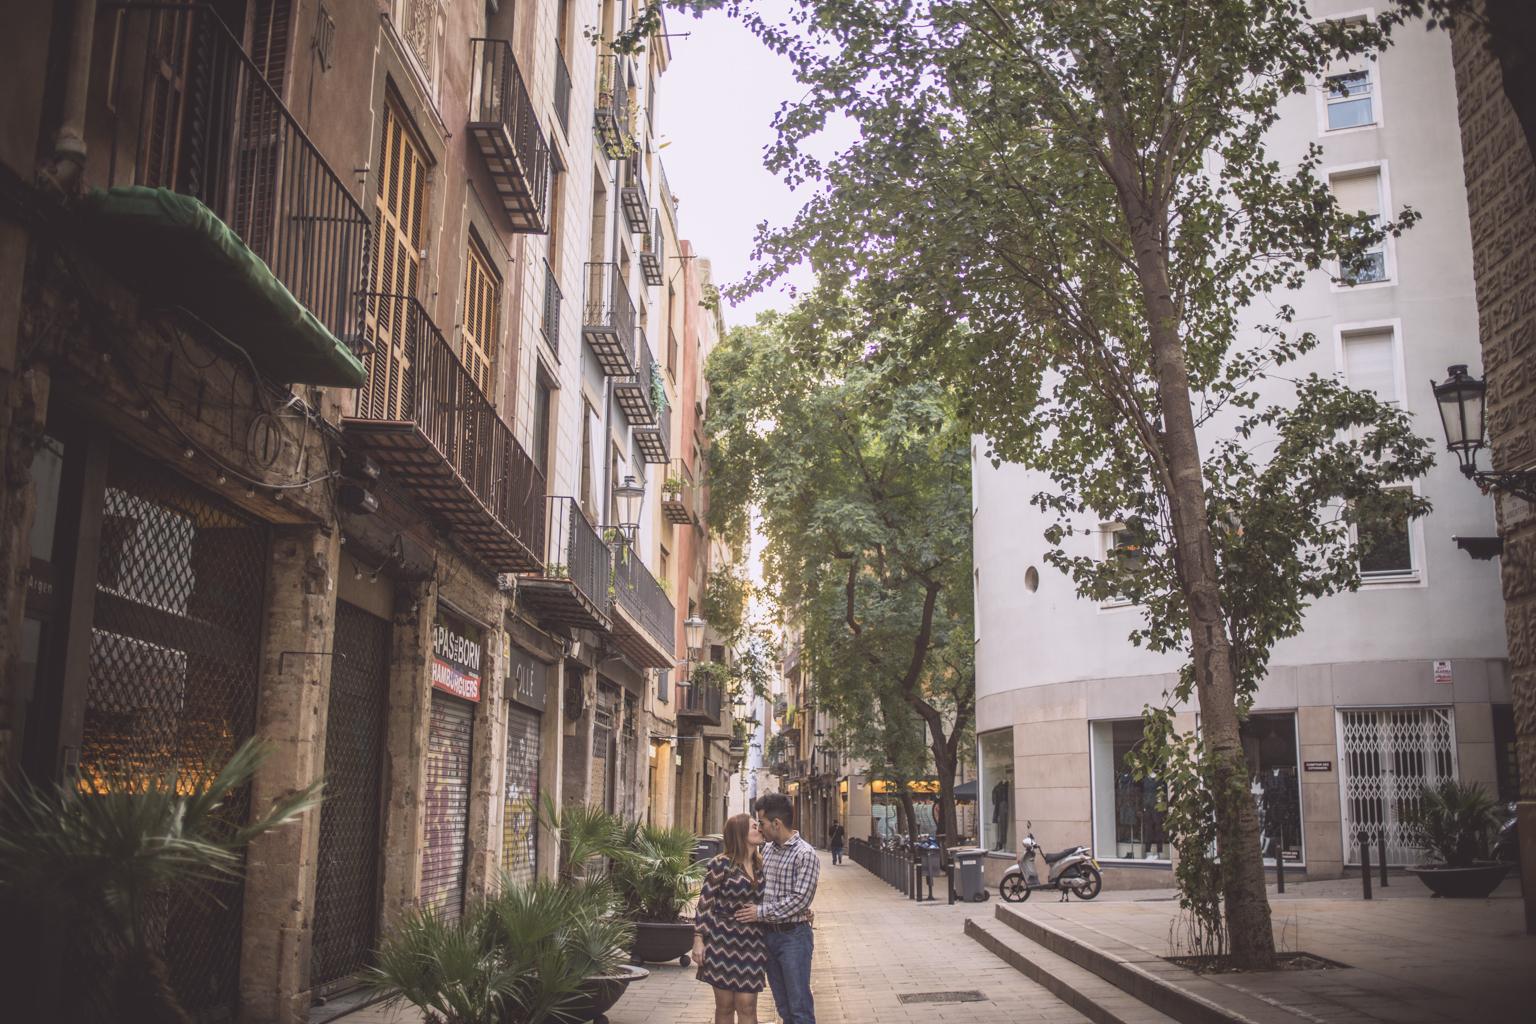 fotografo_pareja_barcelona-6